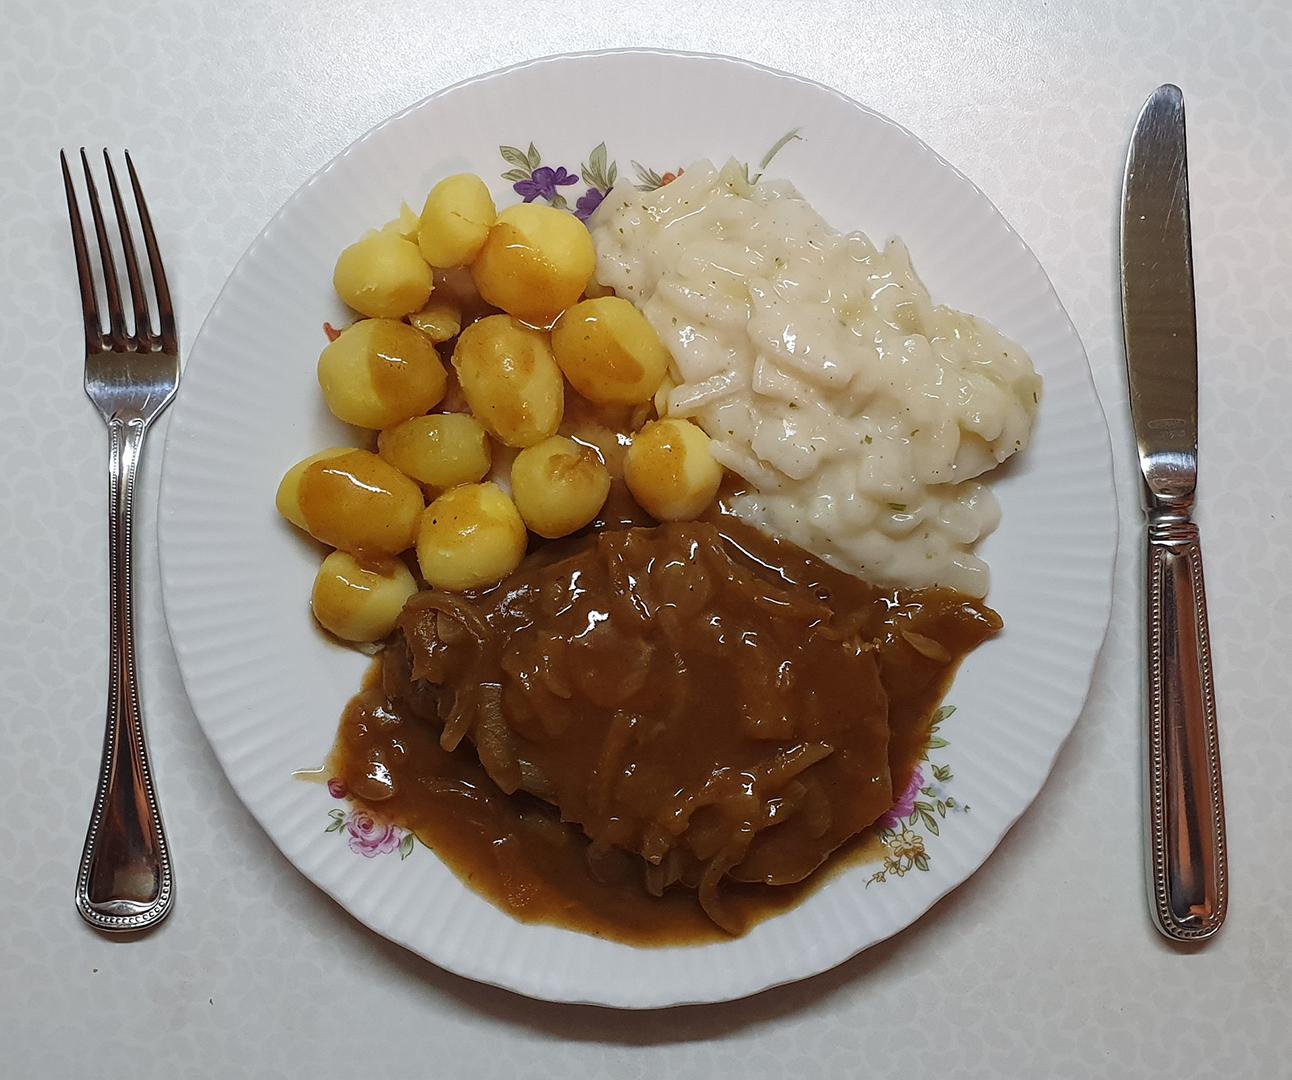 Rinderbraten in Zwiebel-Rotweinsauce, Kohlrabi und Kartoffeln